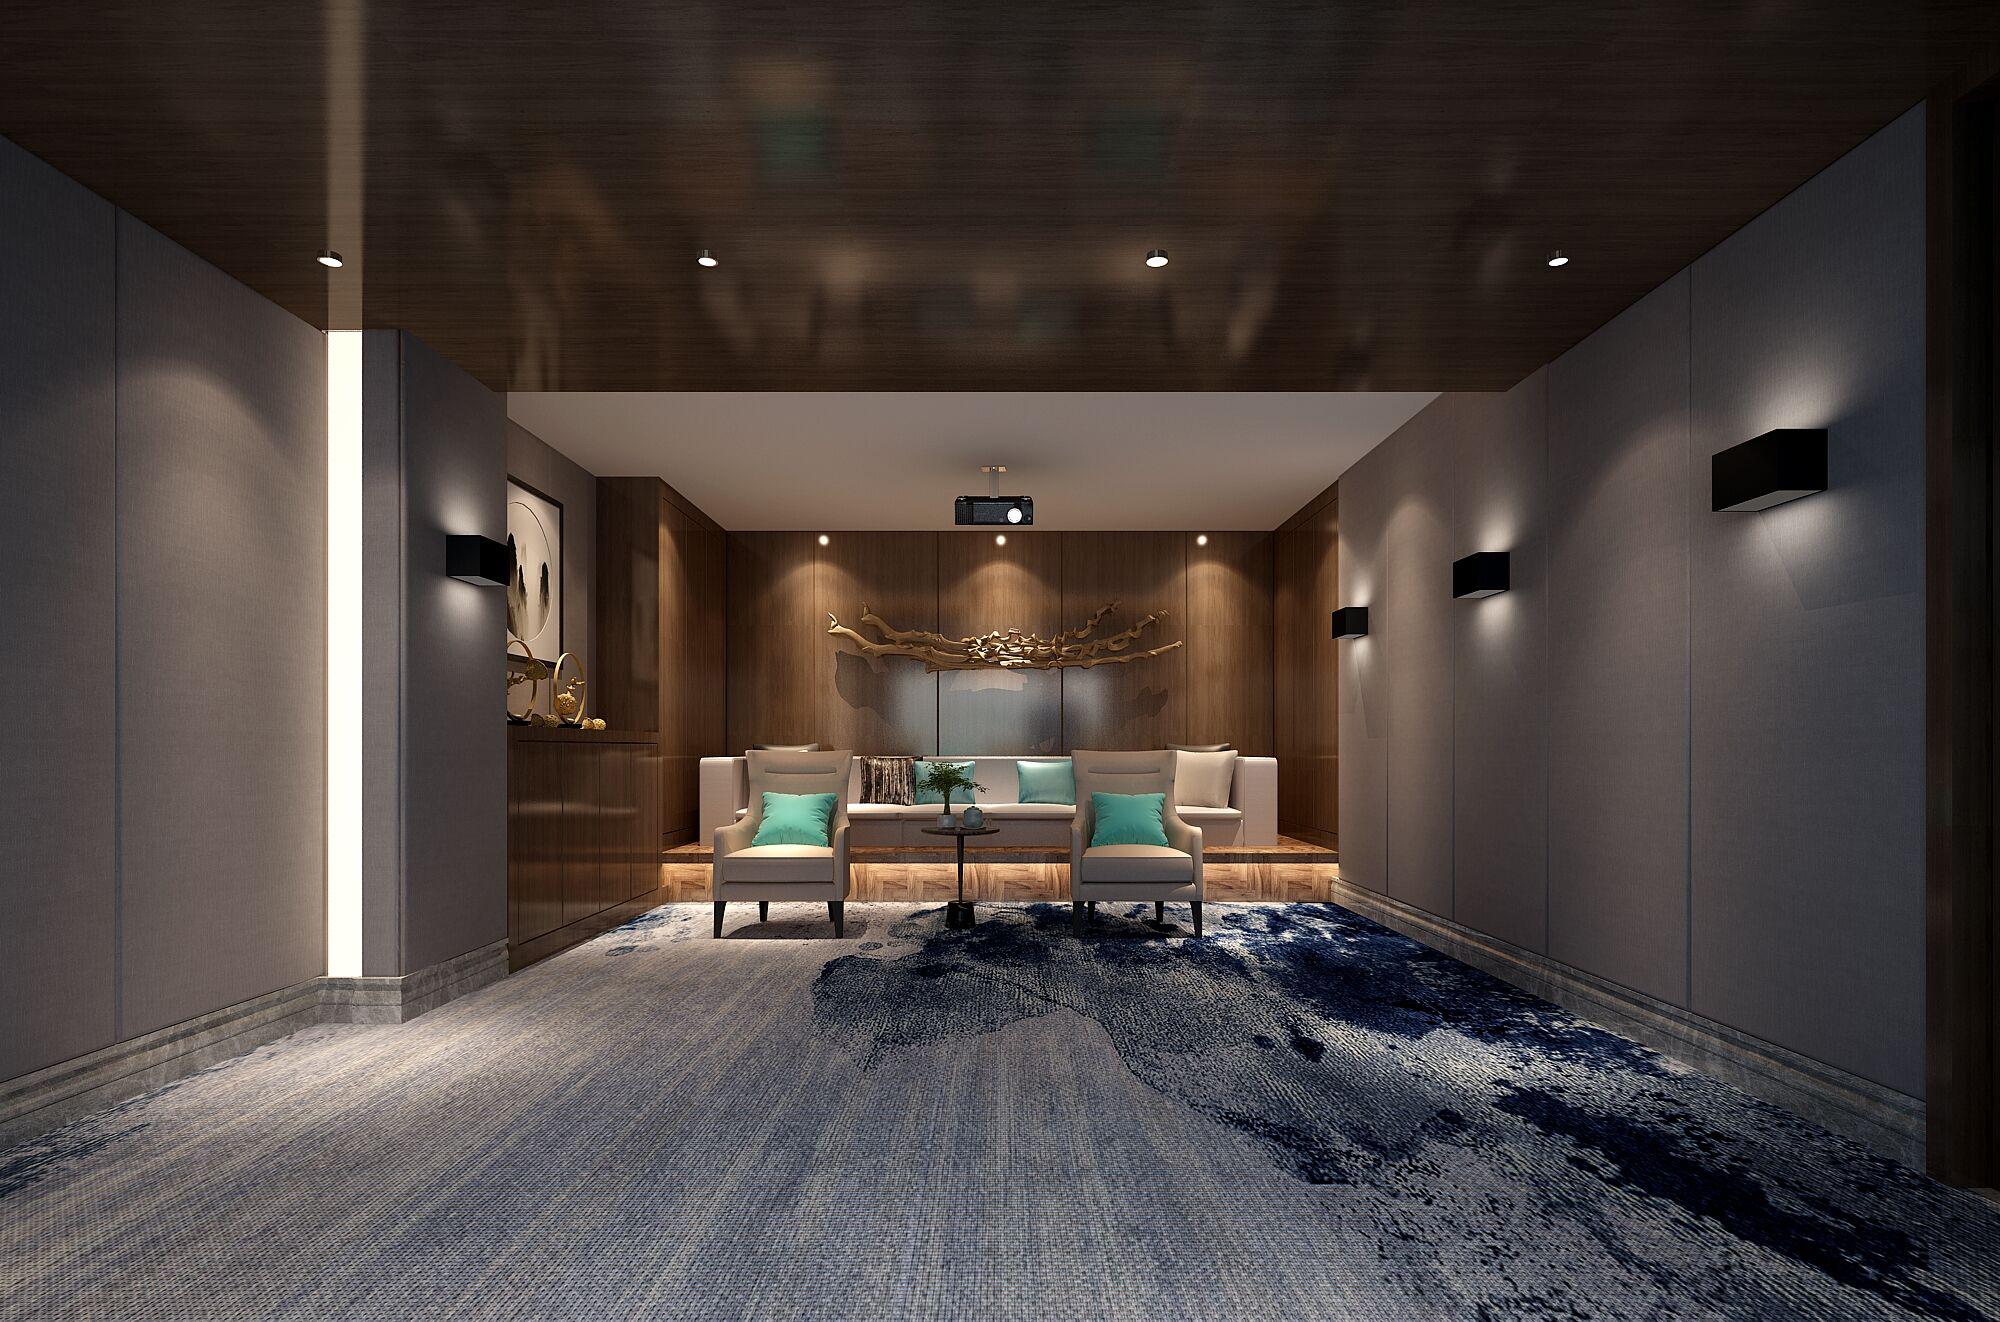 别墅 设计 装修 案例 新中式风格 影音室图片来自无锡别墅设计s在吉宝澜岸名邸新中式案例的分享